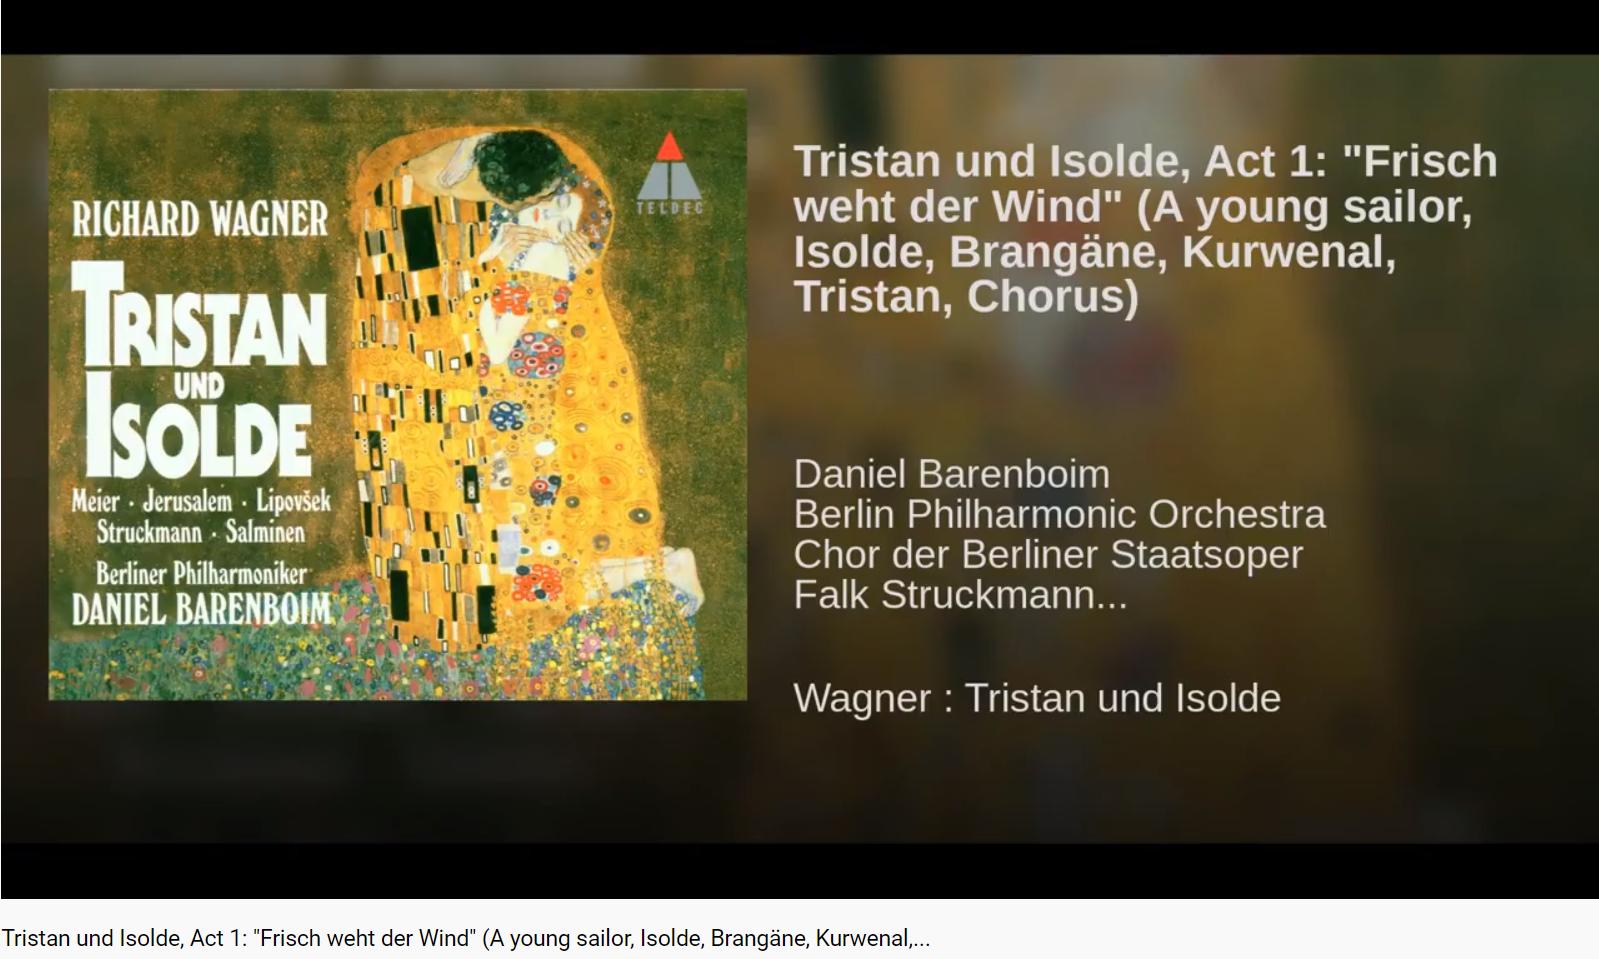 Wagner Tristan und Isolde Acte 1 scène 1 Frisch weht der Wind